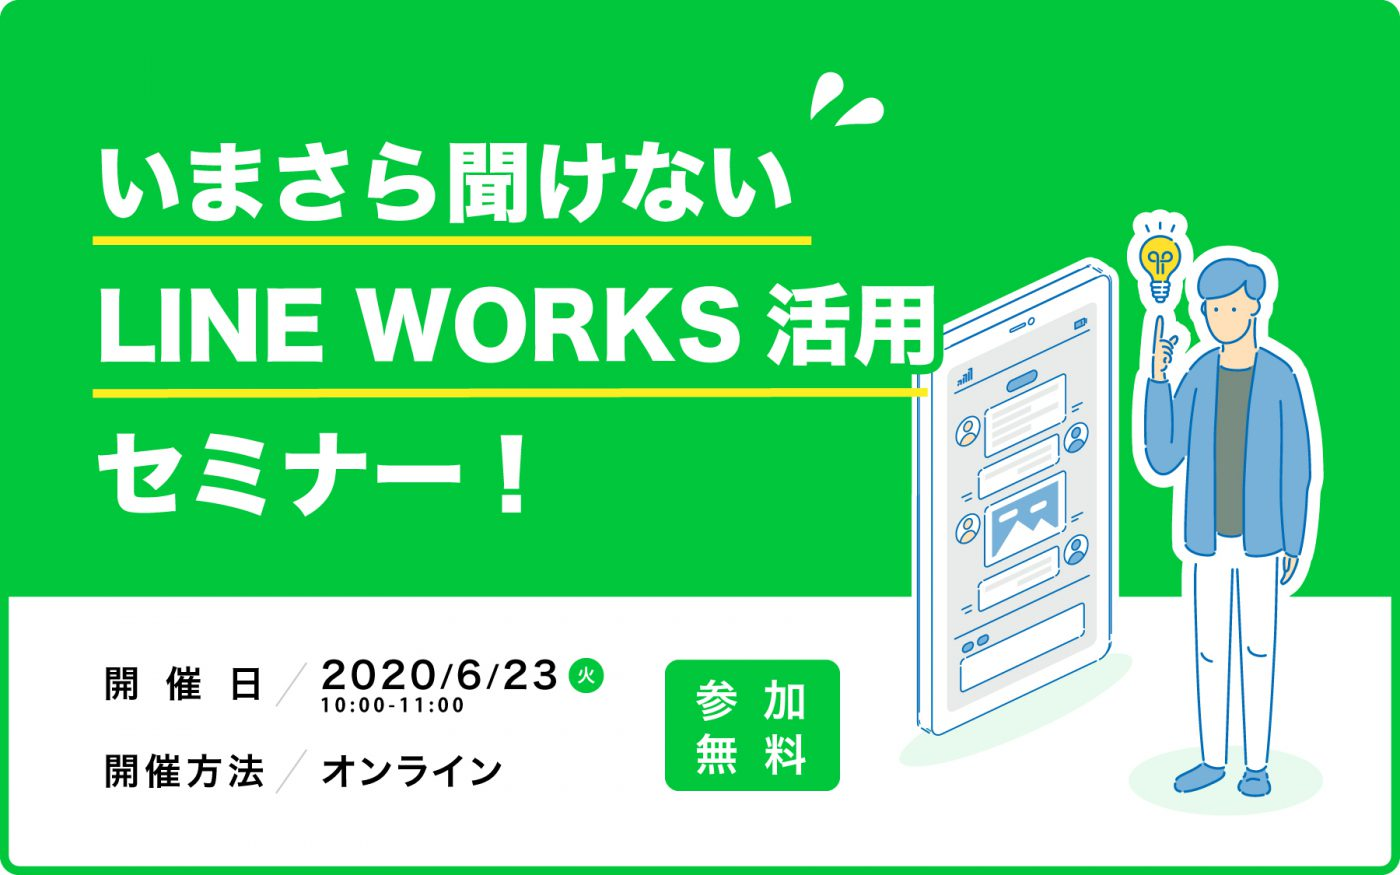 [WEBセミナー開催]いまさら聞けないLINE WORKS活用セミナー!